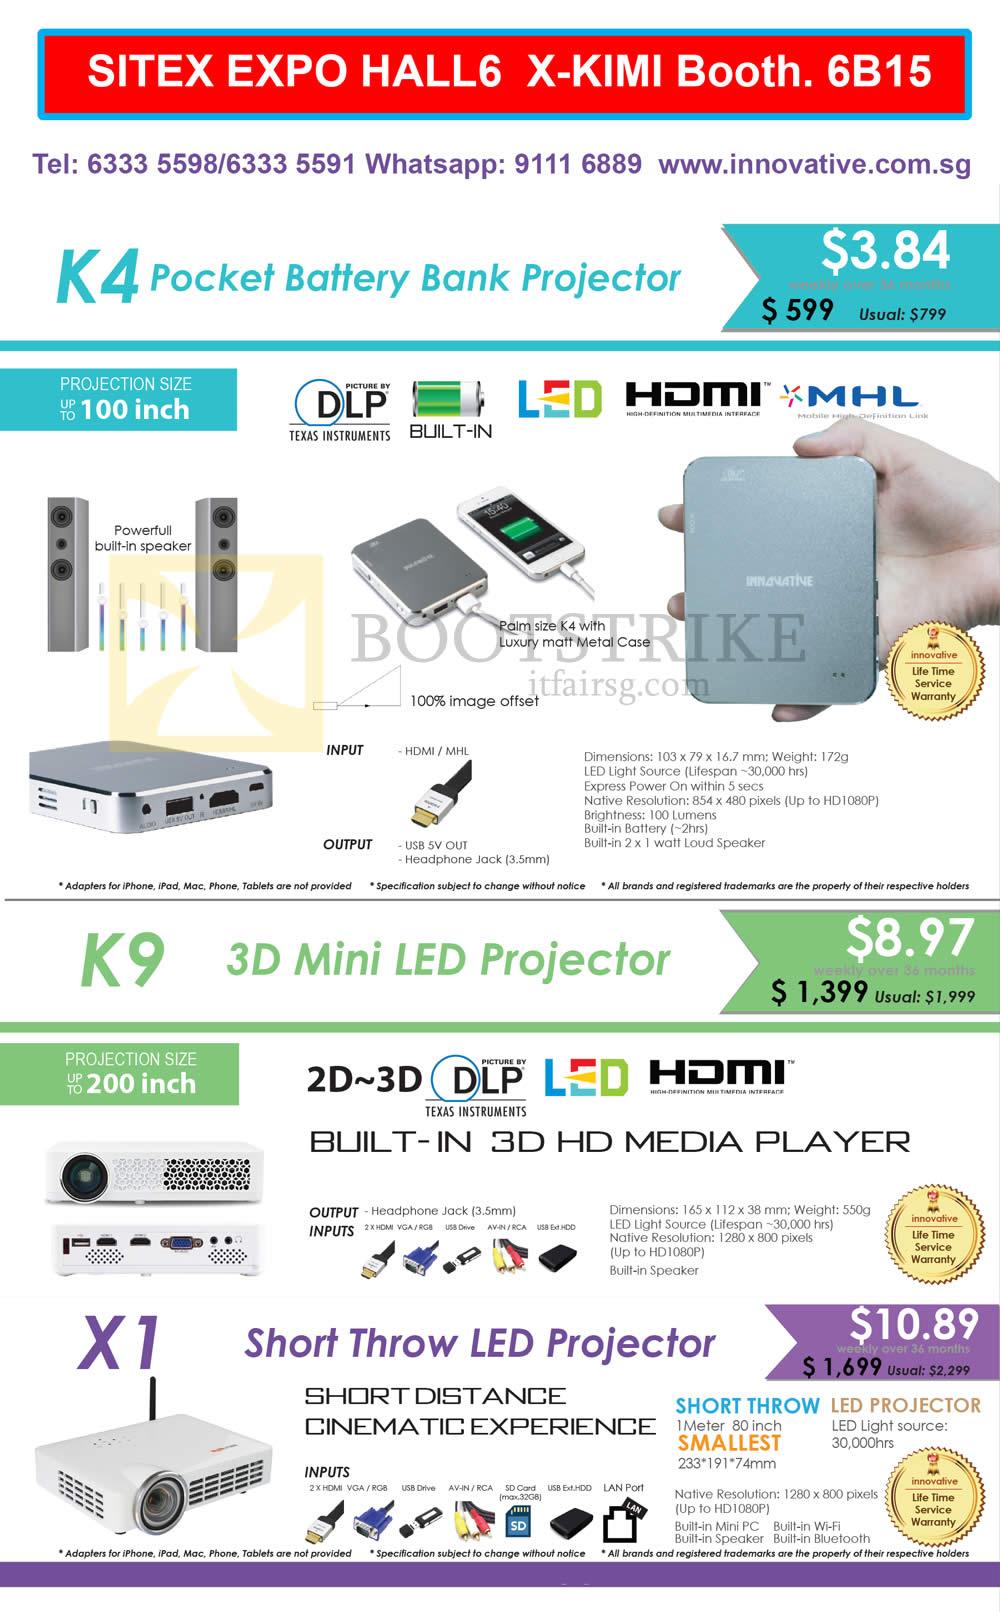 SITEX 2015 price list image brochure of X-Kimi Innovative Projectors K4, K9, X1